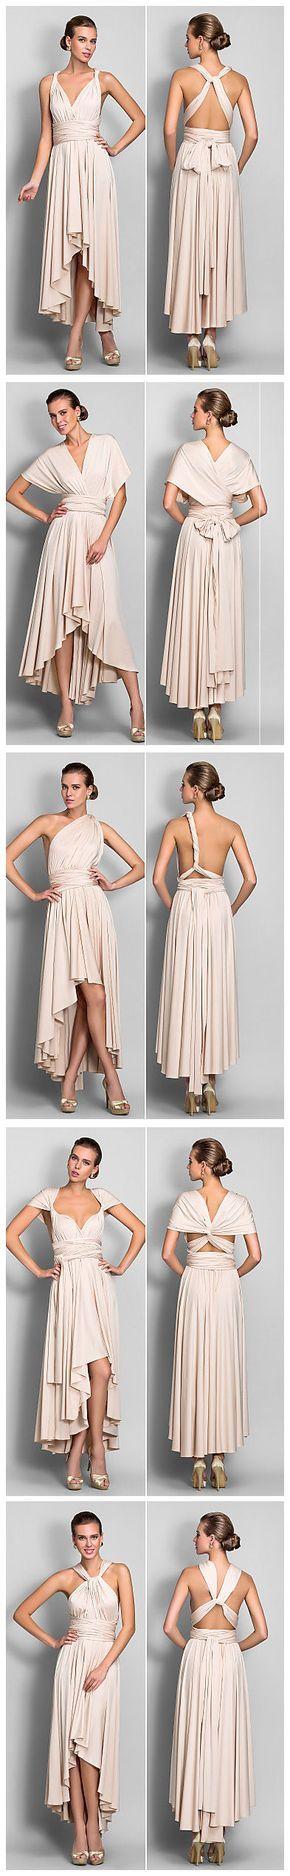 Blush Convertible Maxi Dress ♥ https://www.pinterest.com/hattiereegans/